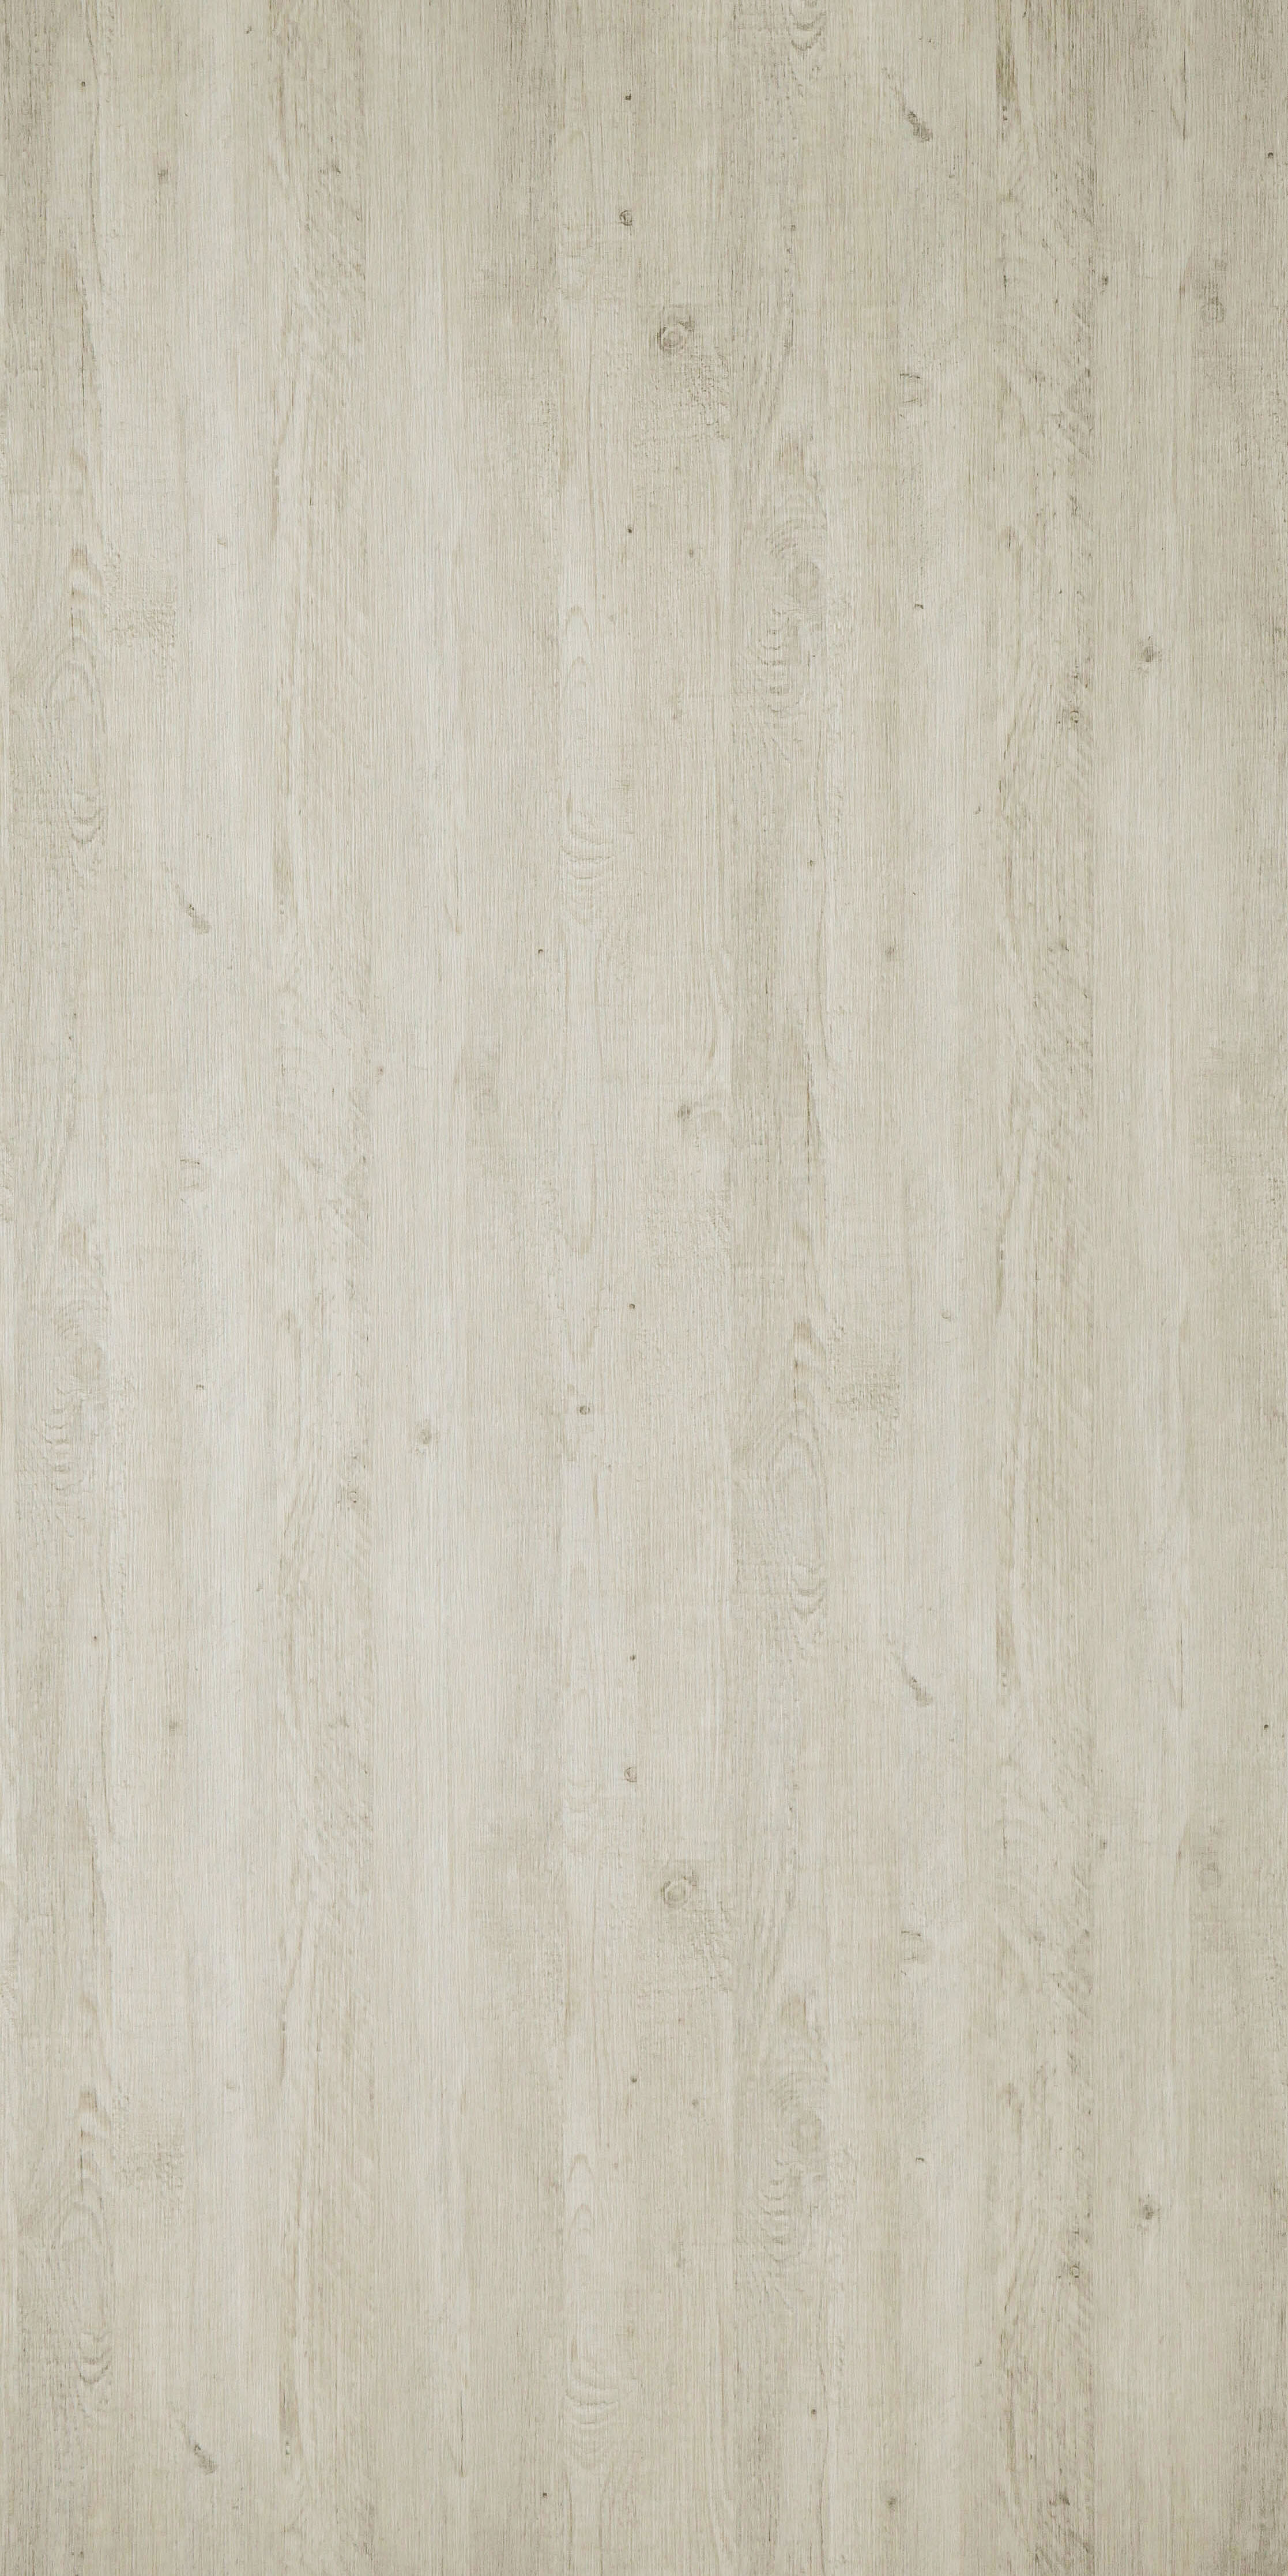 BWM 8407 DM - Havana Pine high pressure laminate (HPL)